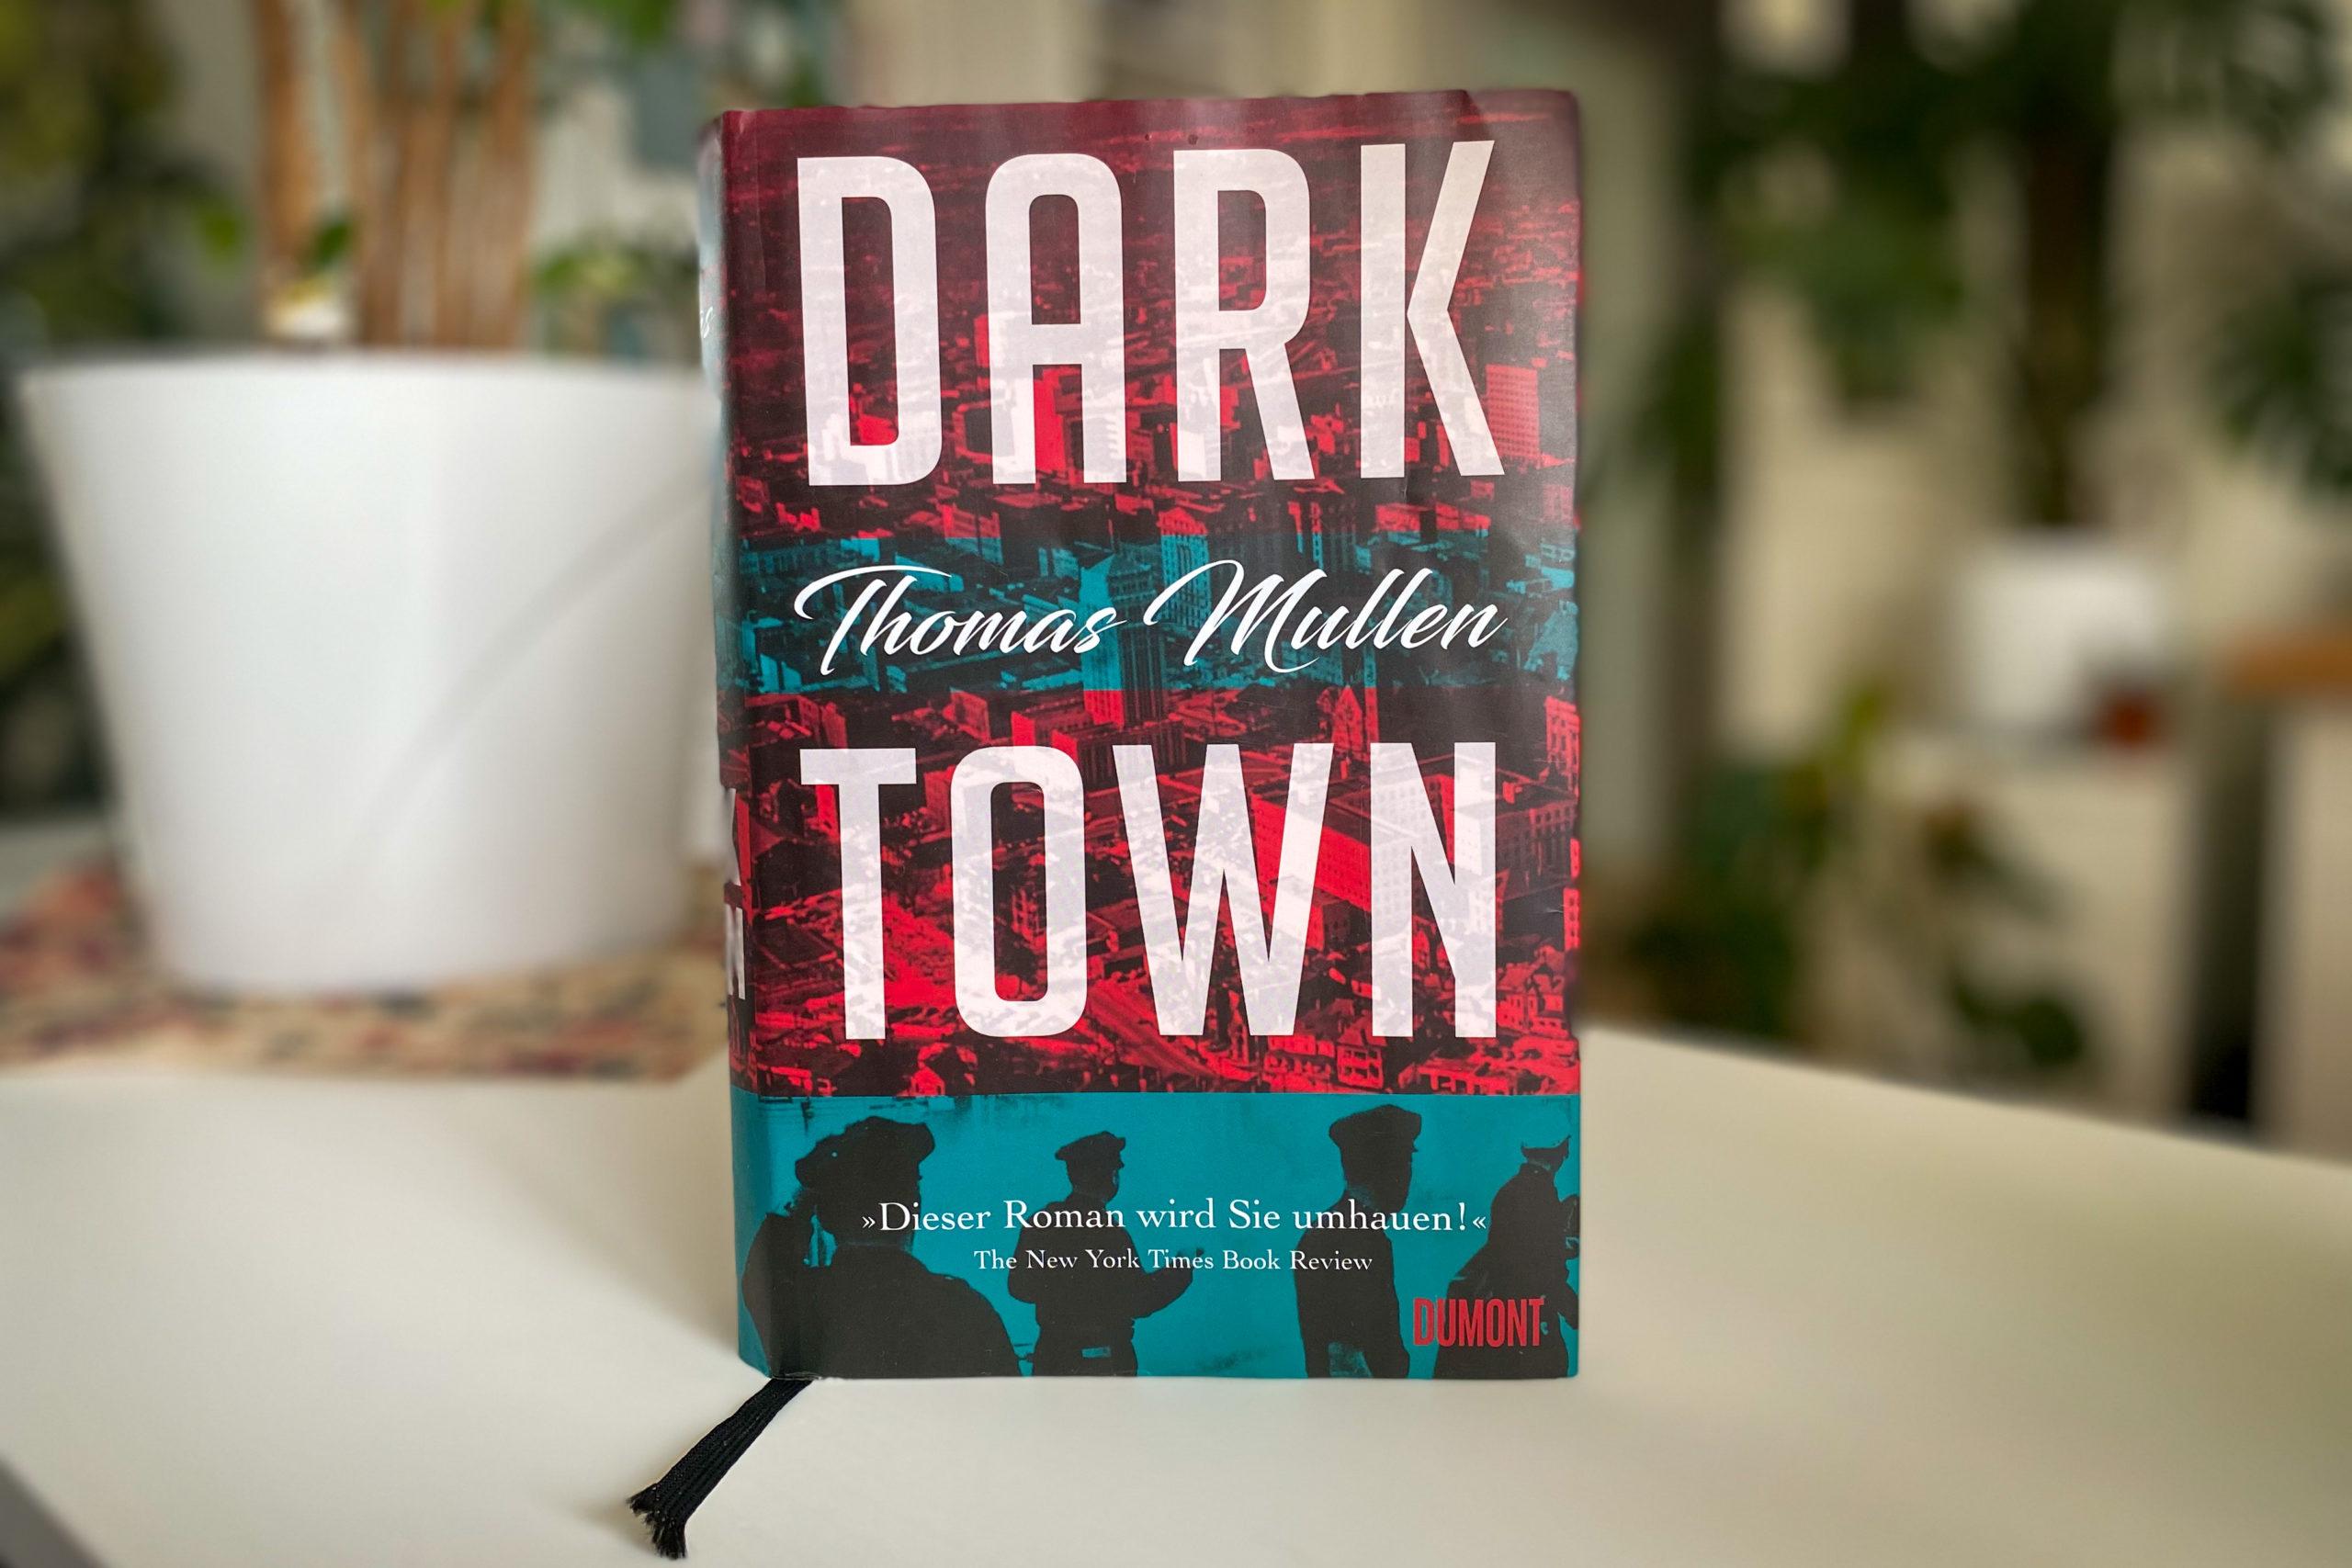 Thomas Mullen Darktown Titel